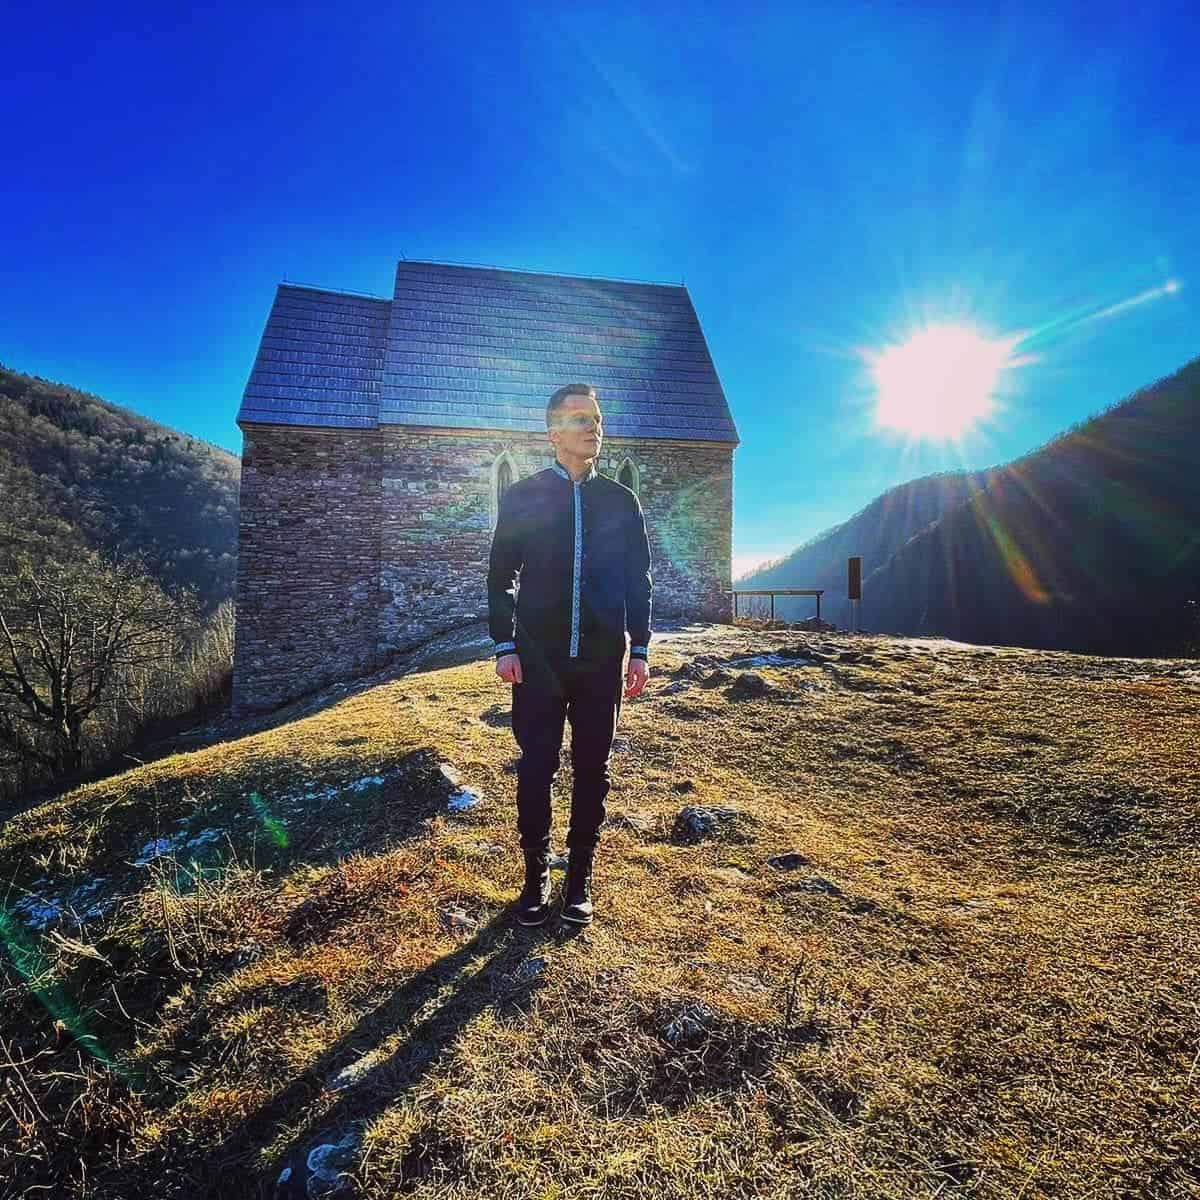 """Armin Muzaferija za Dan nezavisnosti poklanja pjesmu """"Studen vodo""""- Neki doprinose svom narodu i zemlji kroz sport i nauku, a ja ću kroz umjetnost"""